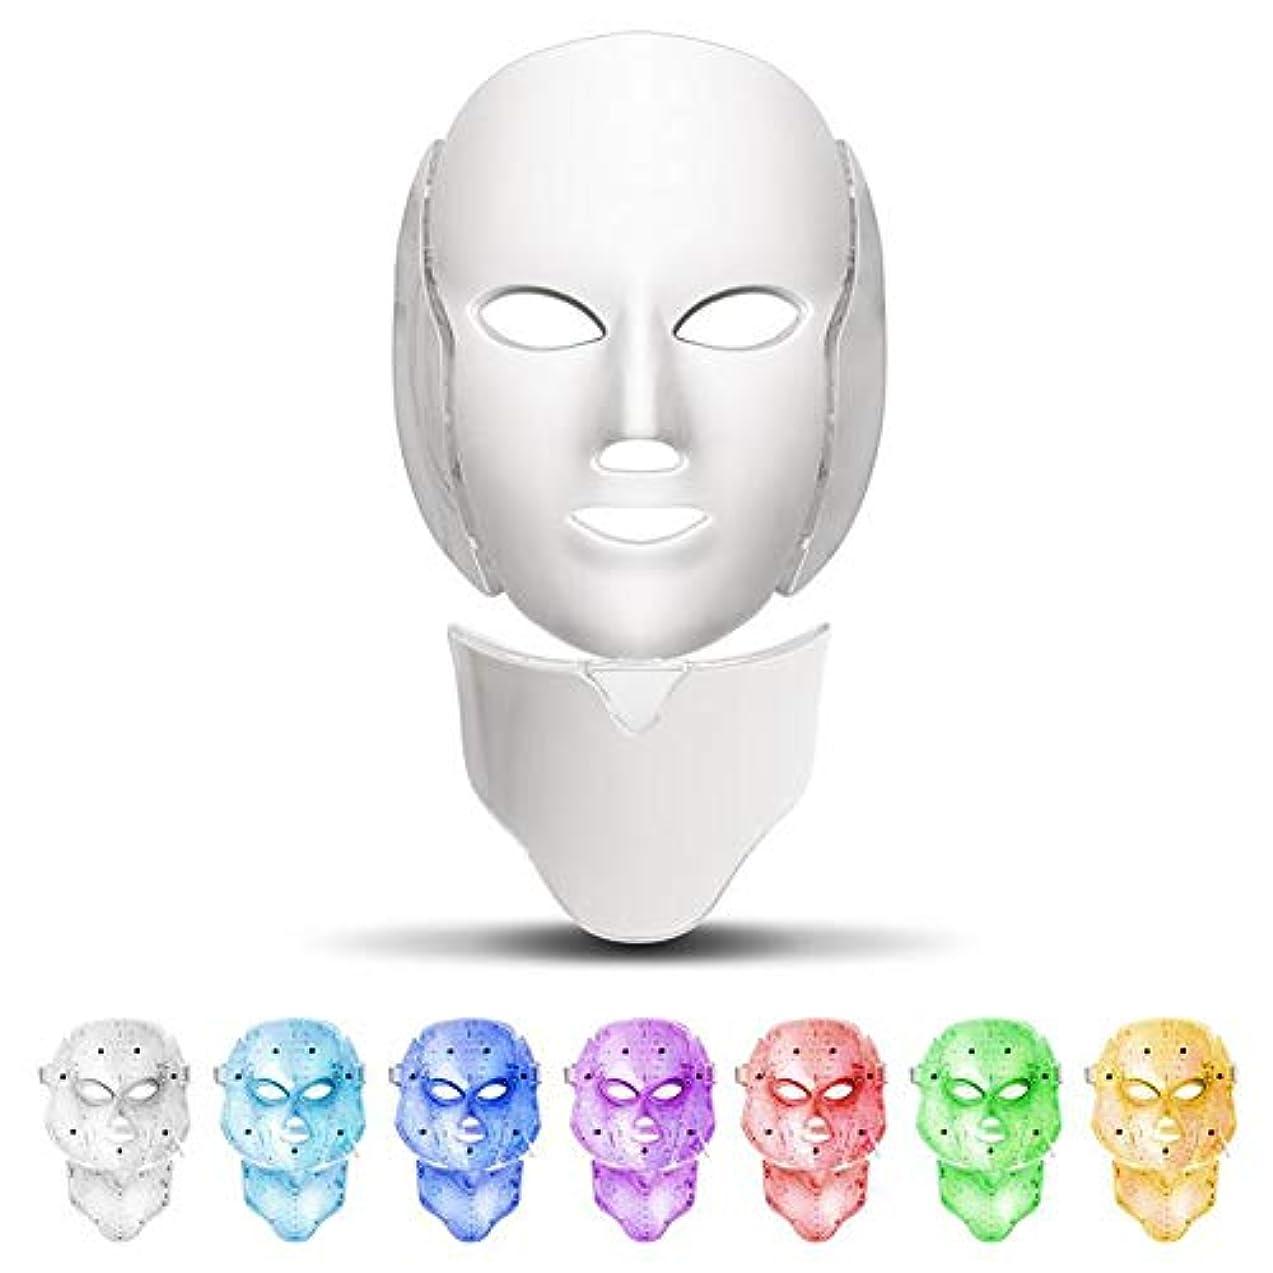 指導する滑る外国人7色フェイシャルマスク、顔と首ネオン輝くLEDフェイスマスク電気顔スキンケア顔肌美容